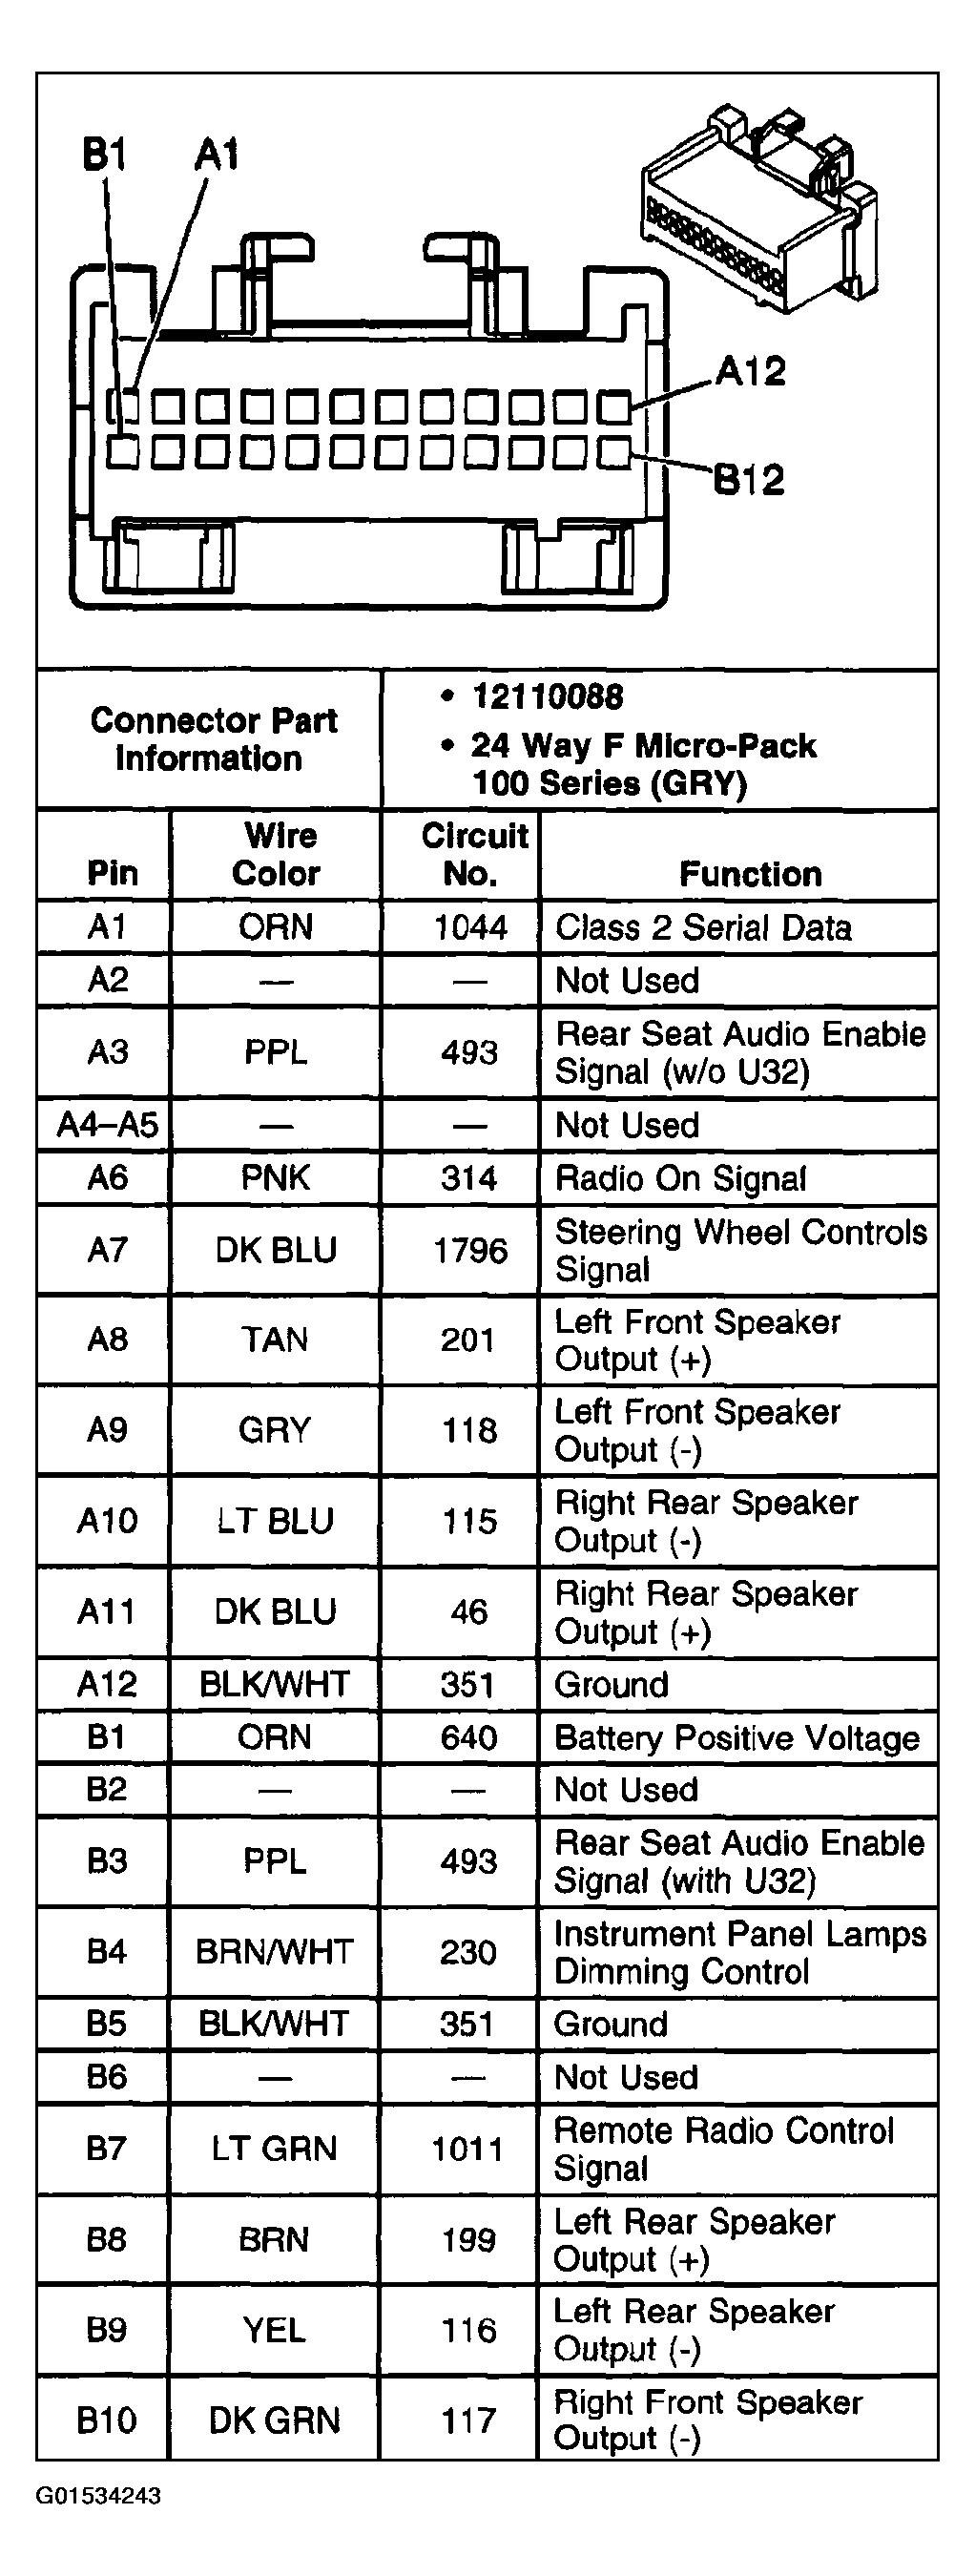 KE_4594] 2002 Chevy Avalanche Wiring Schematics Wiring DiagramGue45 Iosco Heeve Mohammedshrine Librar Wiring 101